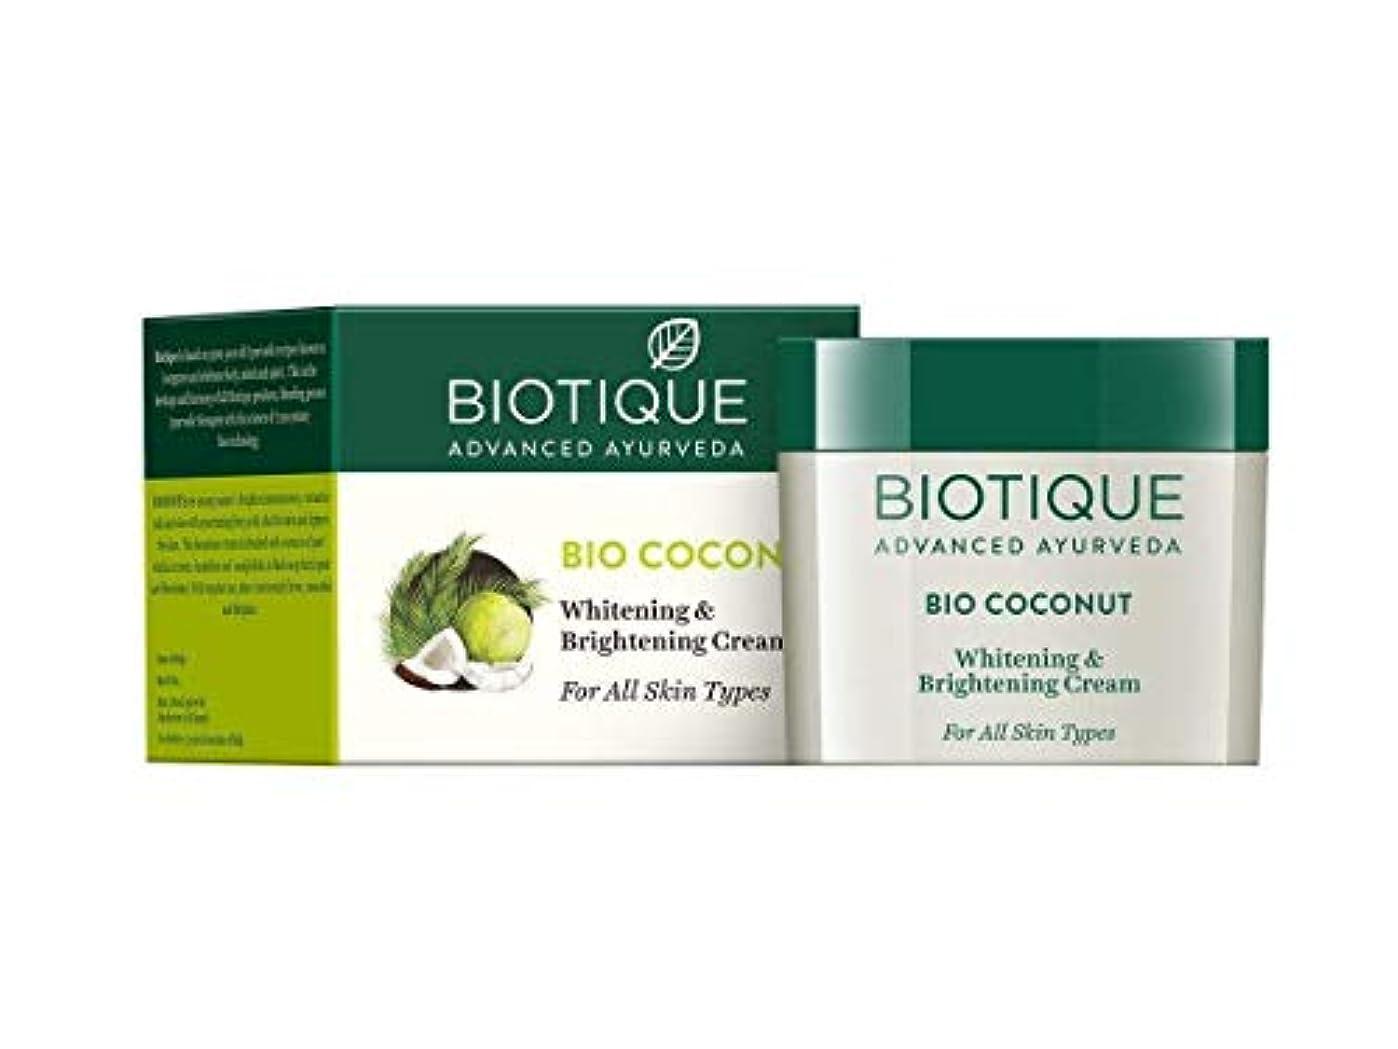 アナログ期限切れ印刷するBiotique Coconut Whitening & Brightening Cream 50g fade dark spots & Blemishes ビオティックココナッツホワイトニング&ブライトニングクリームフェードダークスポット&シミ